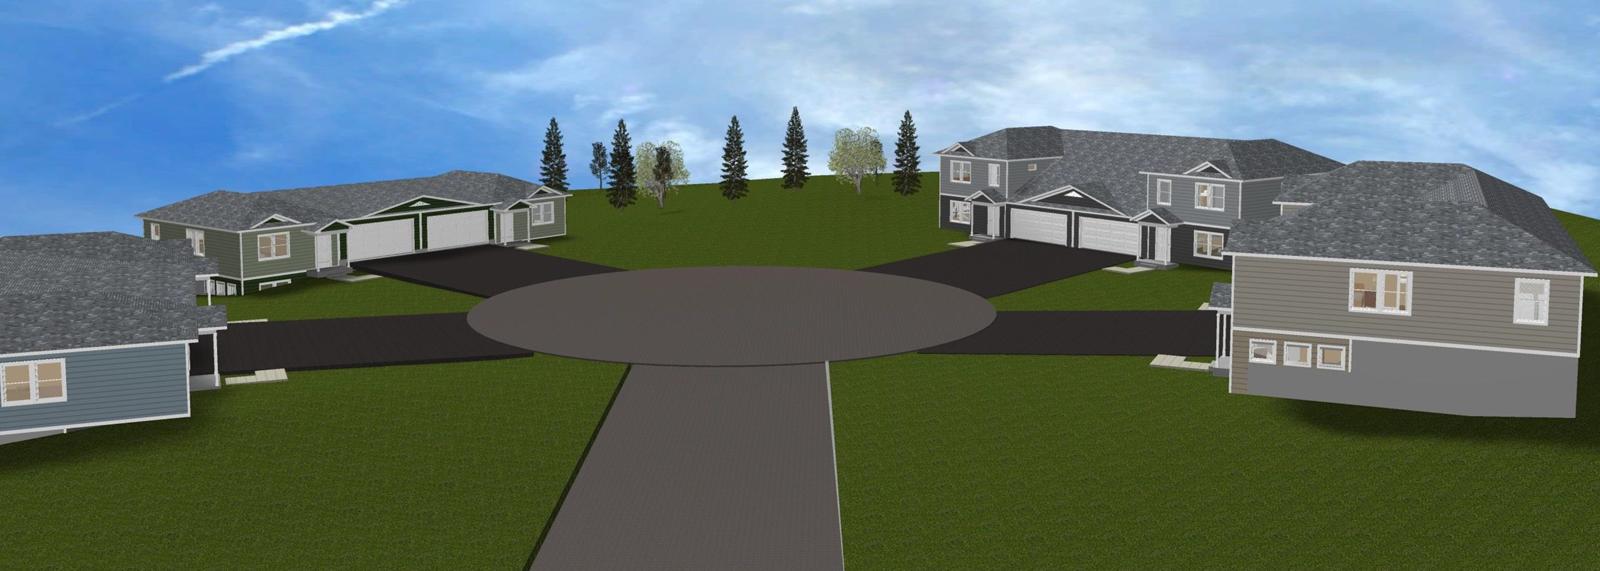 chaska development rendering